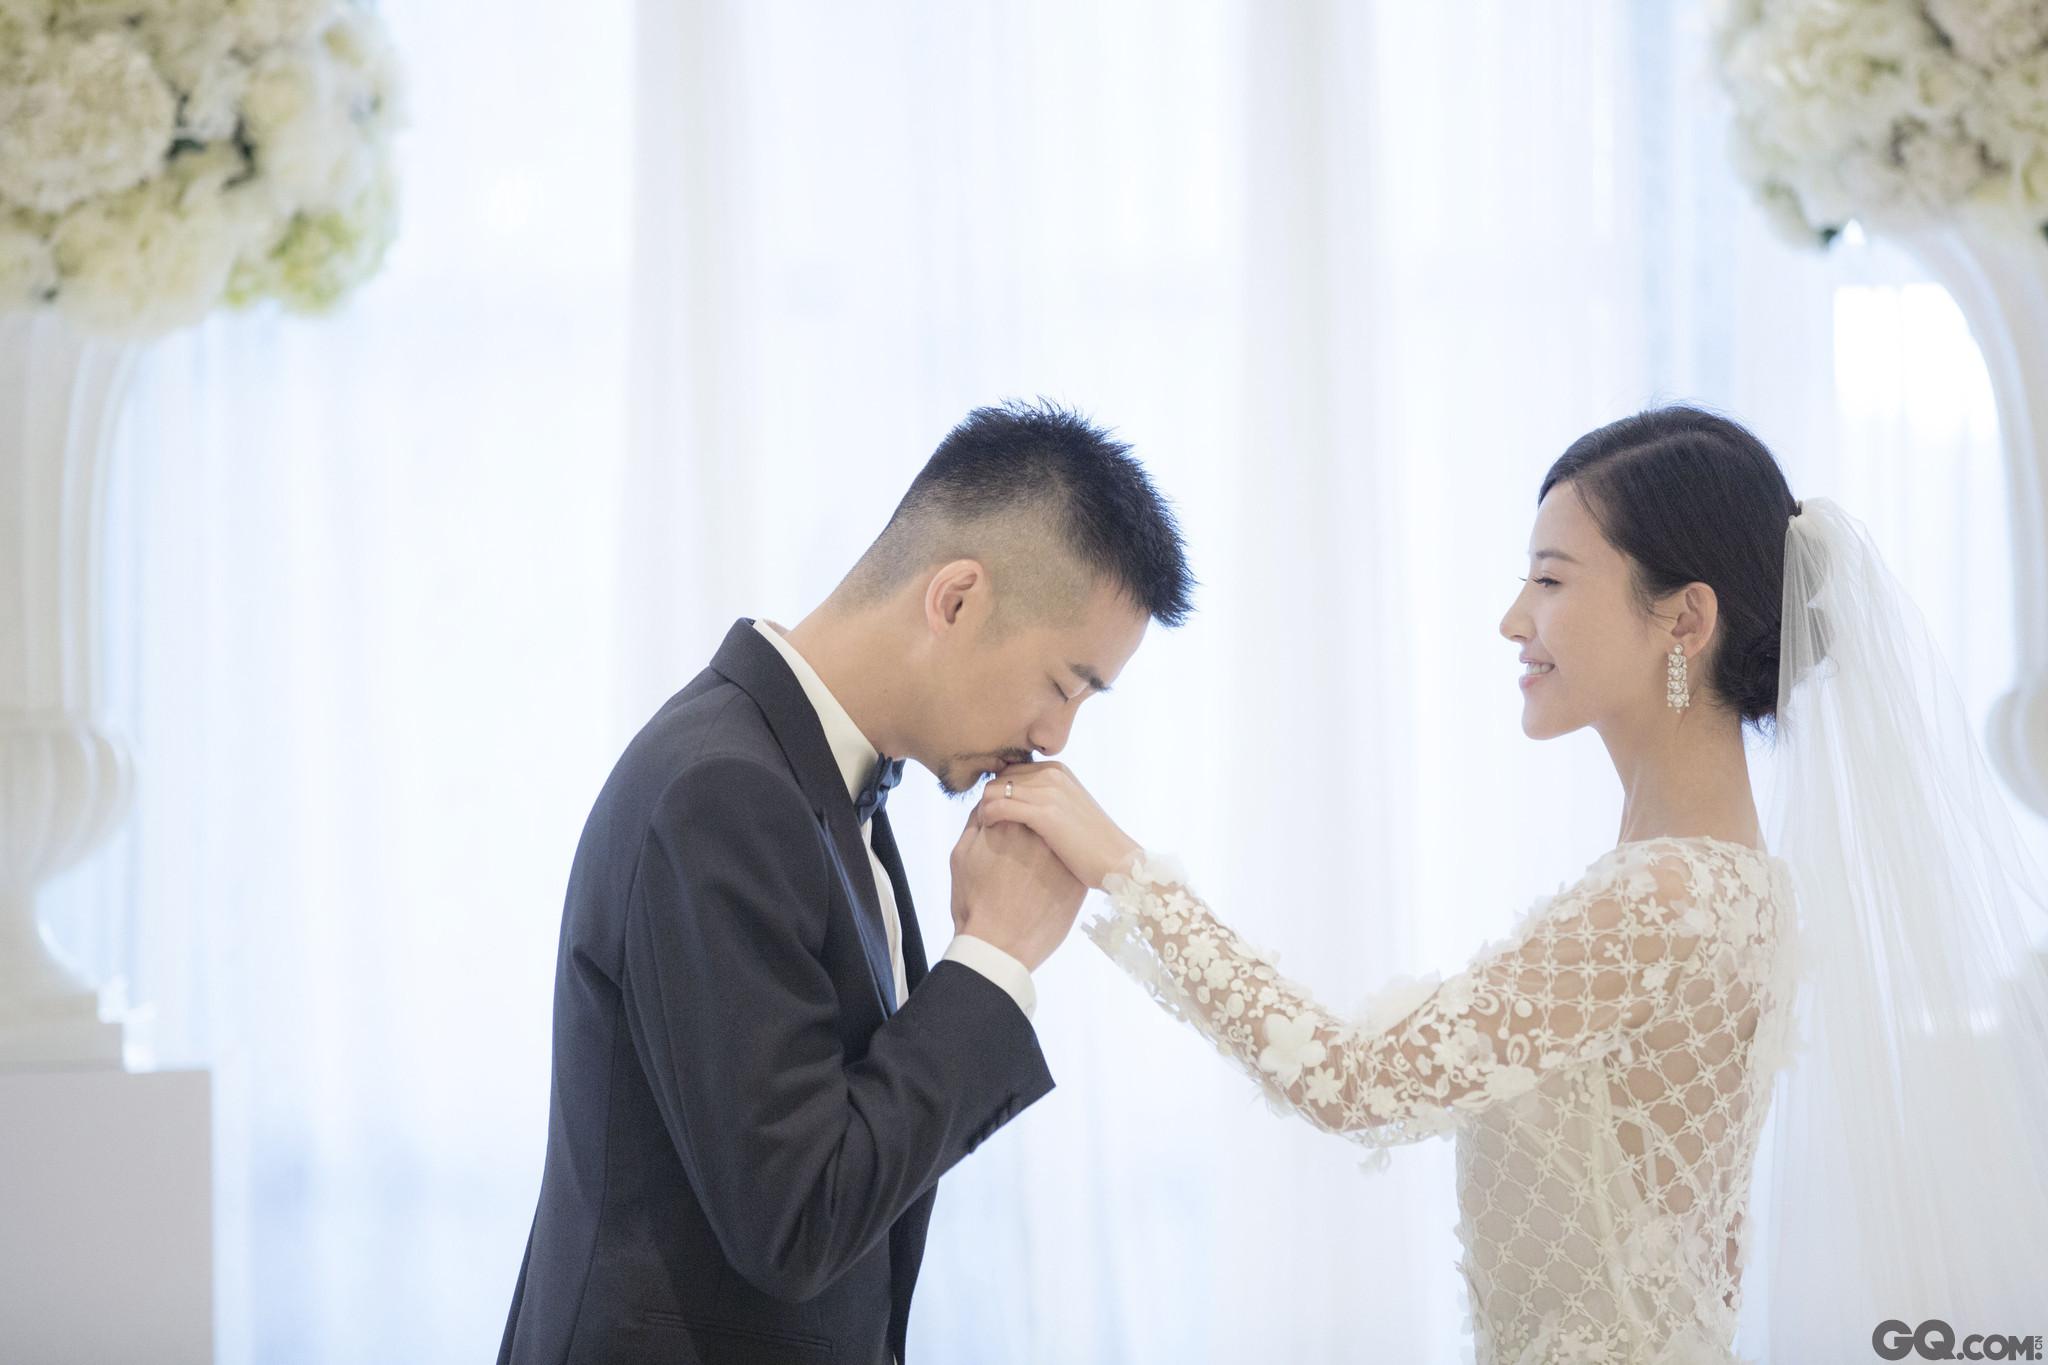 """日前,""""天姗""""夫妇吴中天、杨子姗在台北举办婚礼,上午举行迎娶仪式,两人均穿中式礼服,幸福洋溢脸上。晚上将举行婚礼喜宴。婚礼邀请了双方新人的家人和好友,除此之外并未邀请媒体,低调而私密。"""